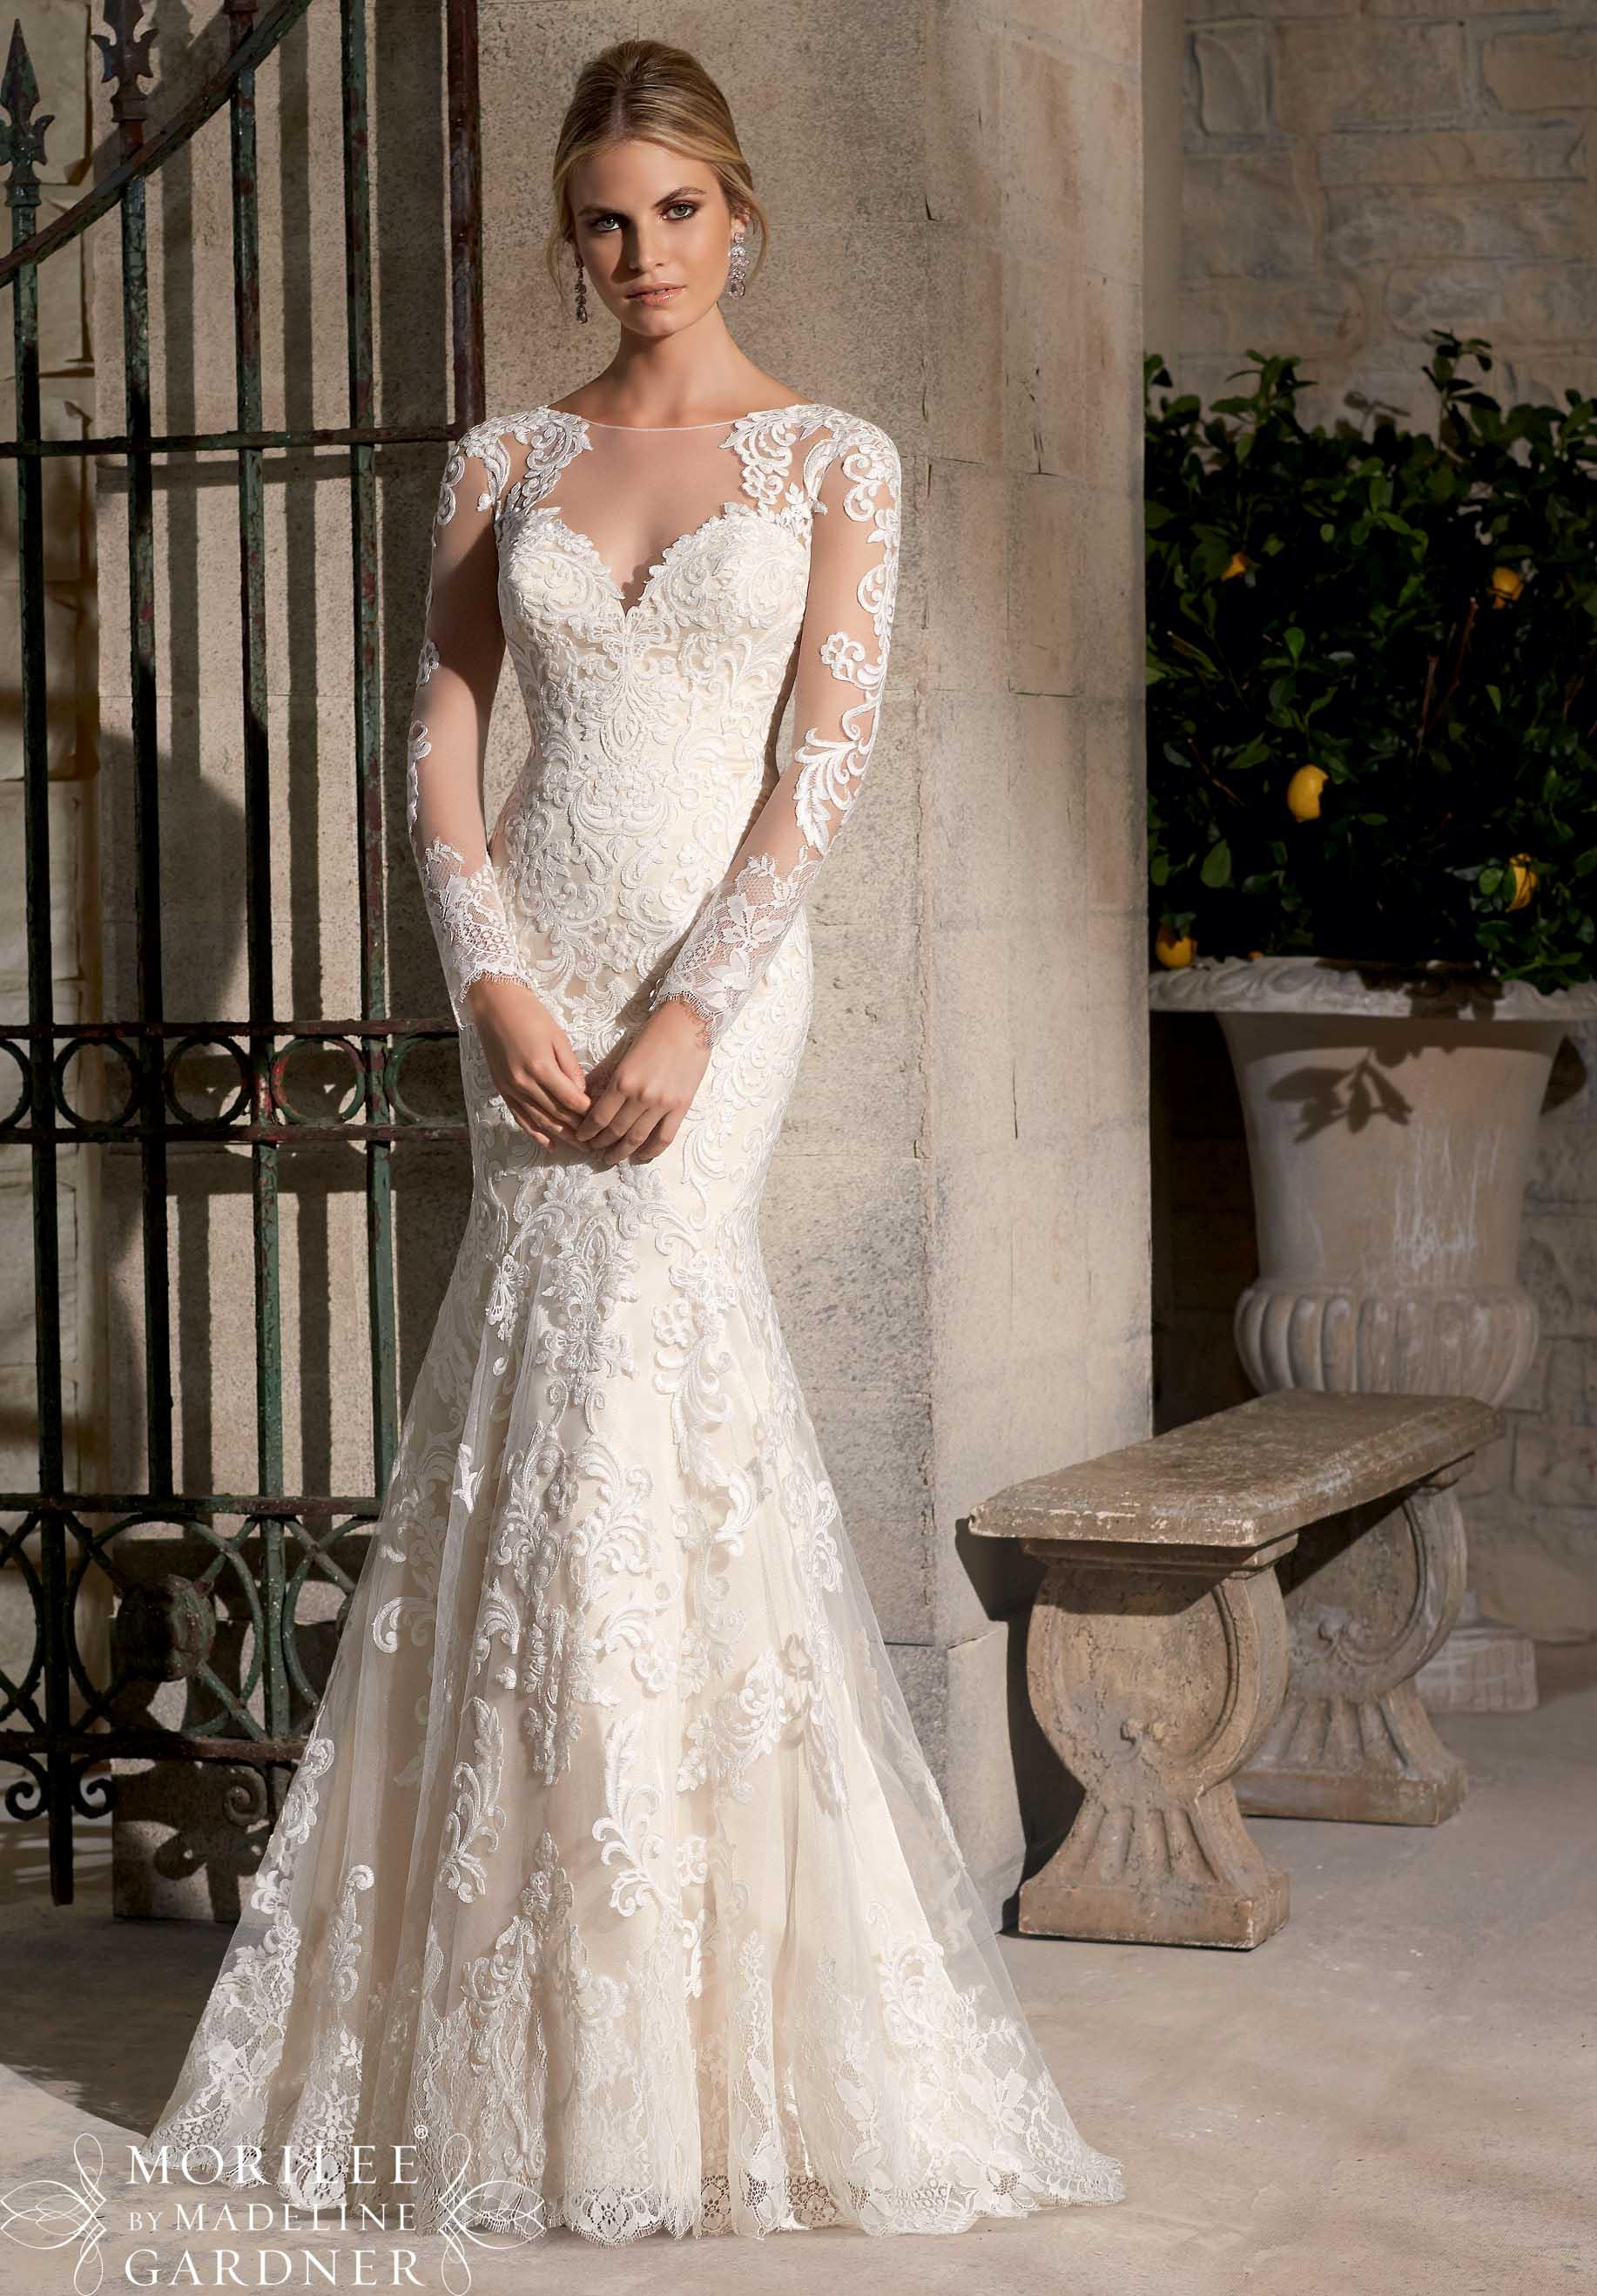 Sheath Wedding Dress By Mori Lee